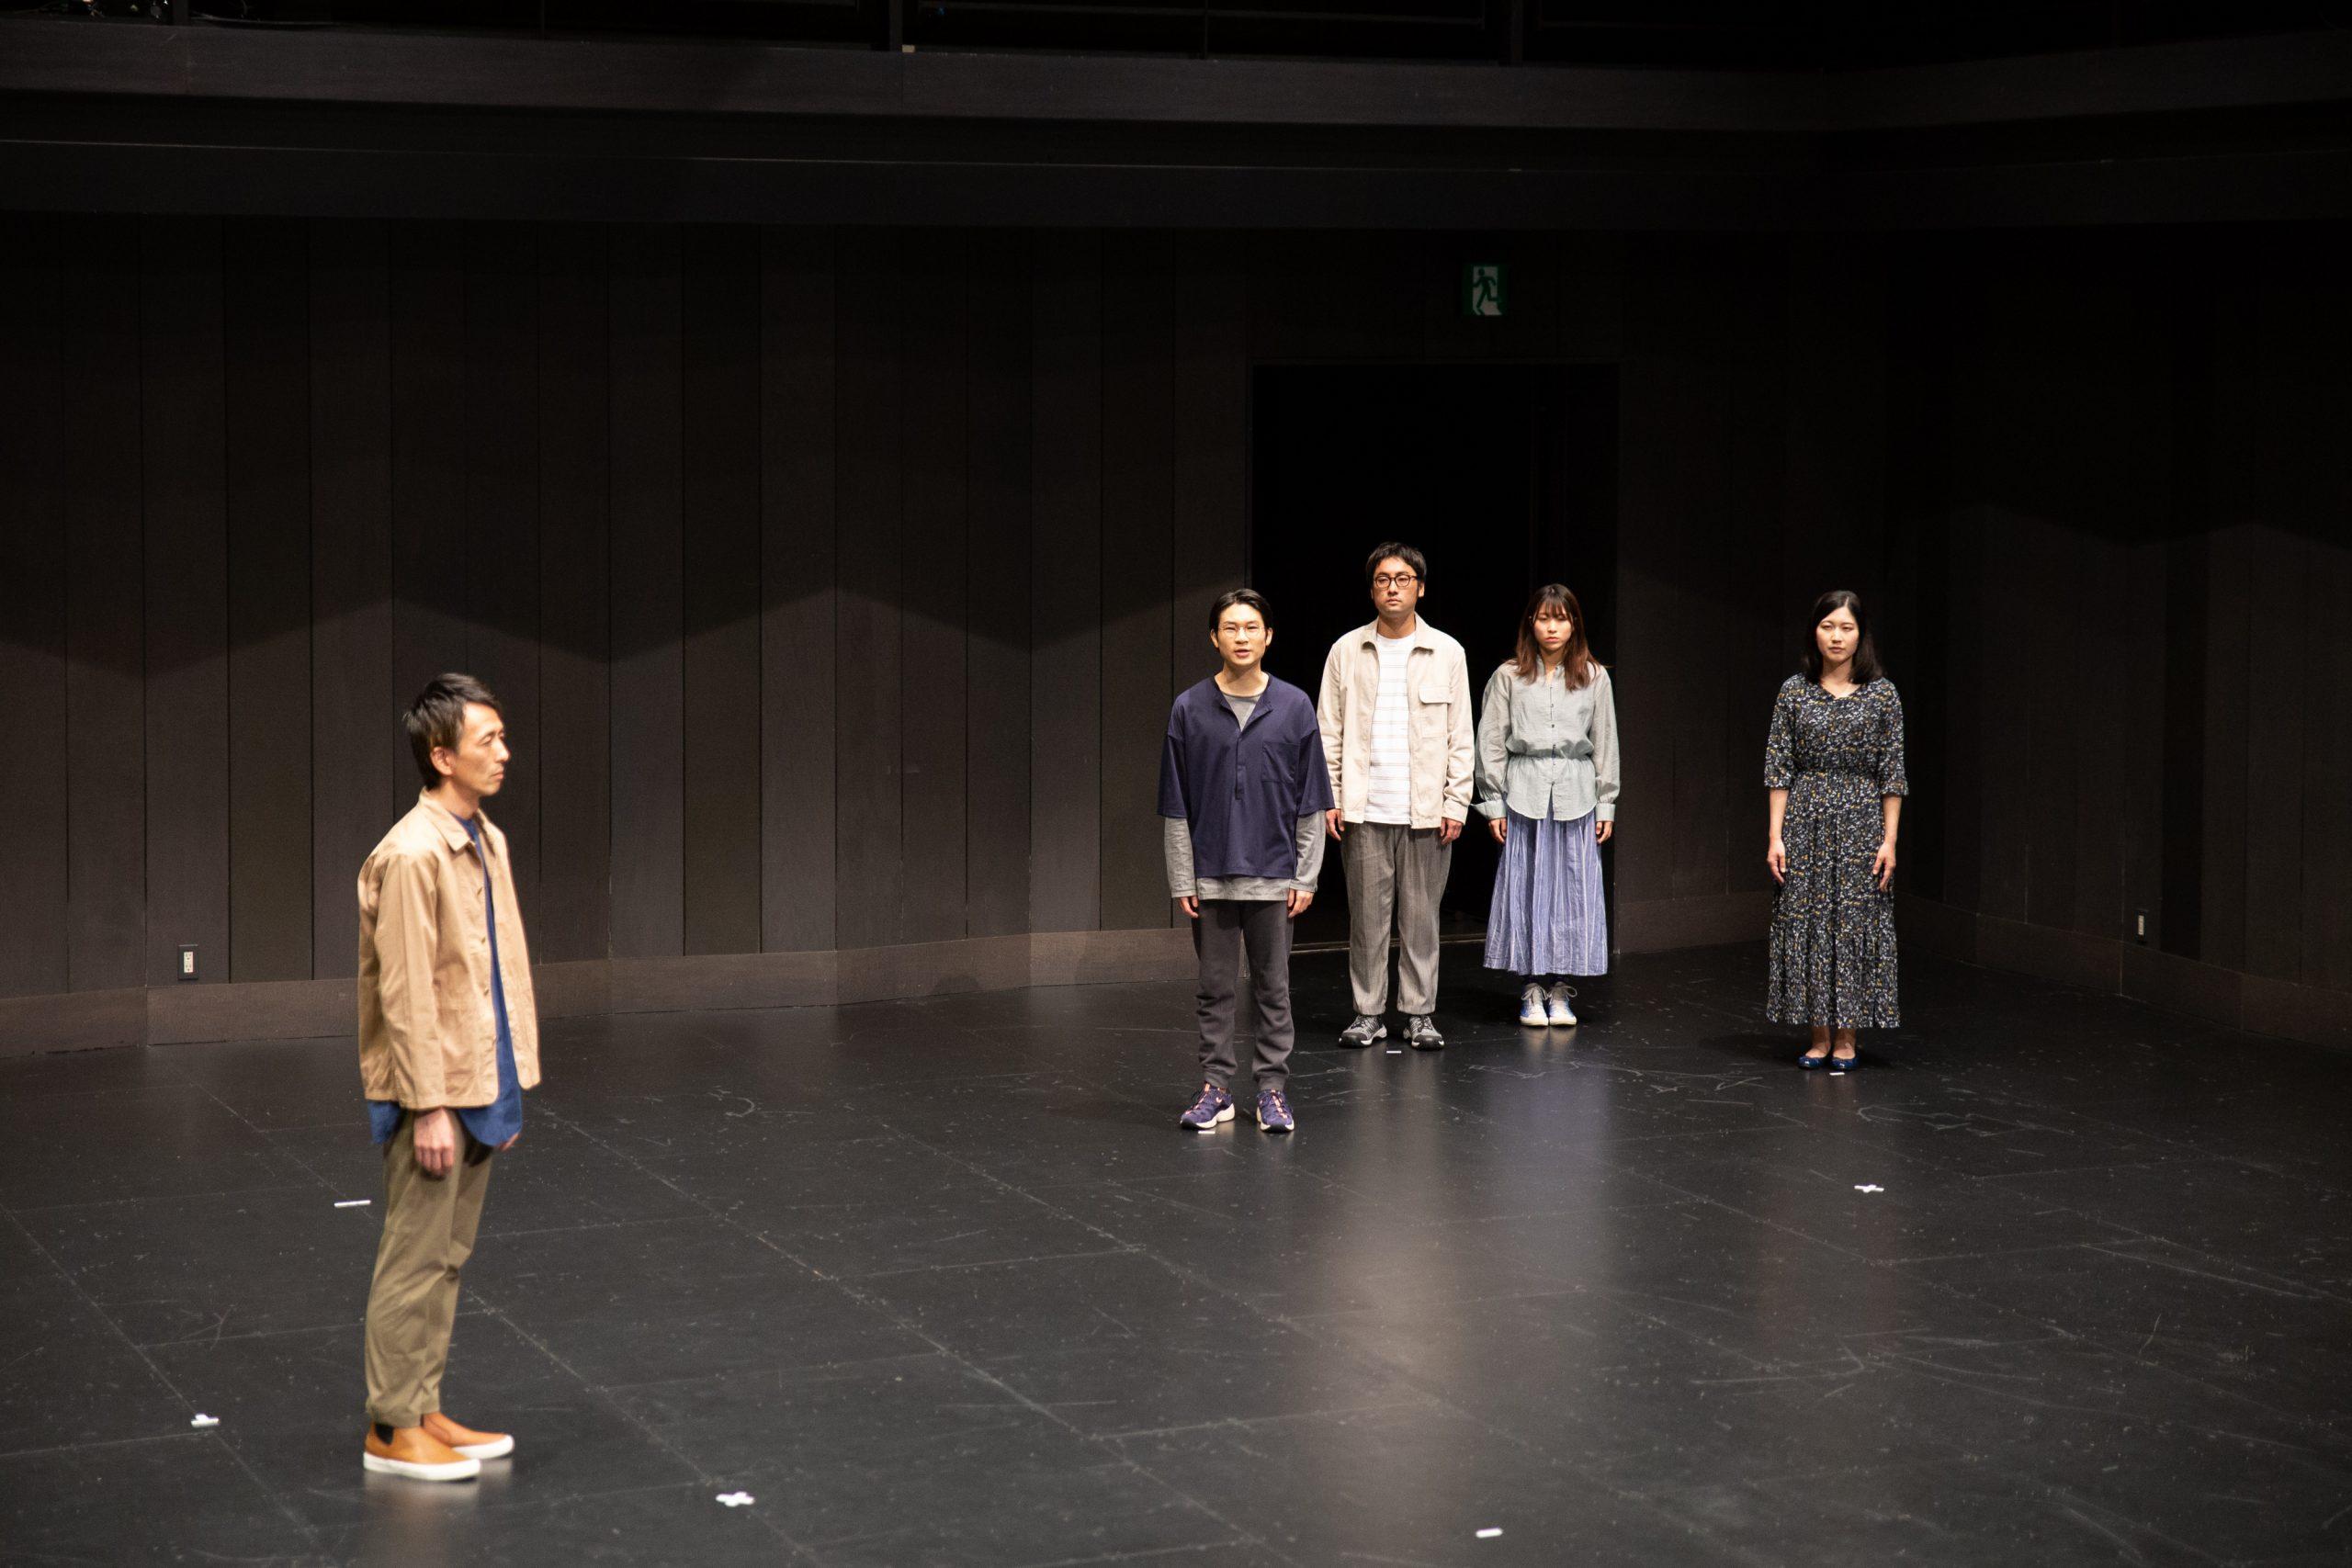 レパートリーの創造  松田正隆作・演出『シーサイドタウン』記録写真